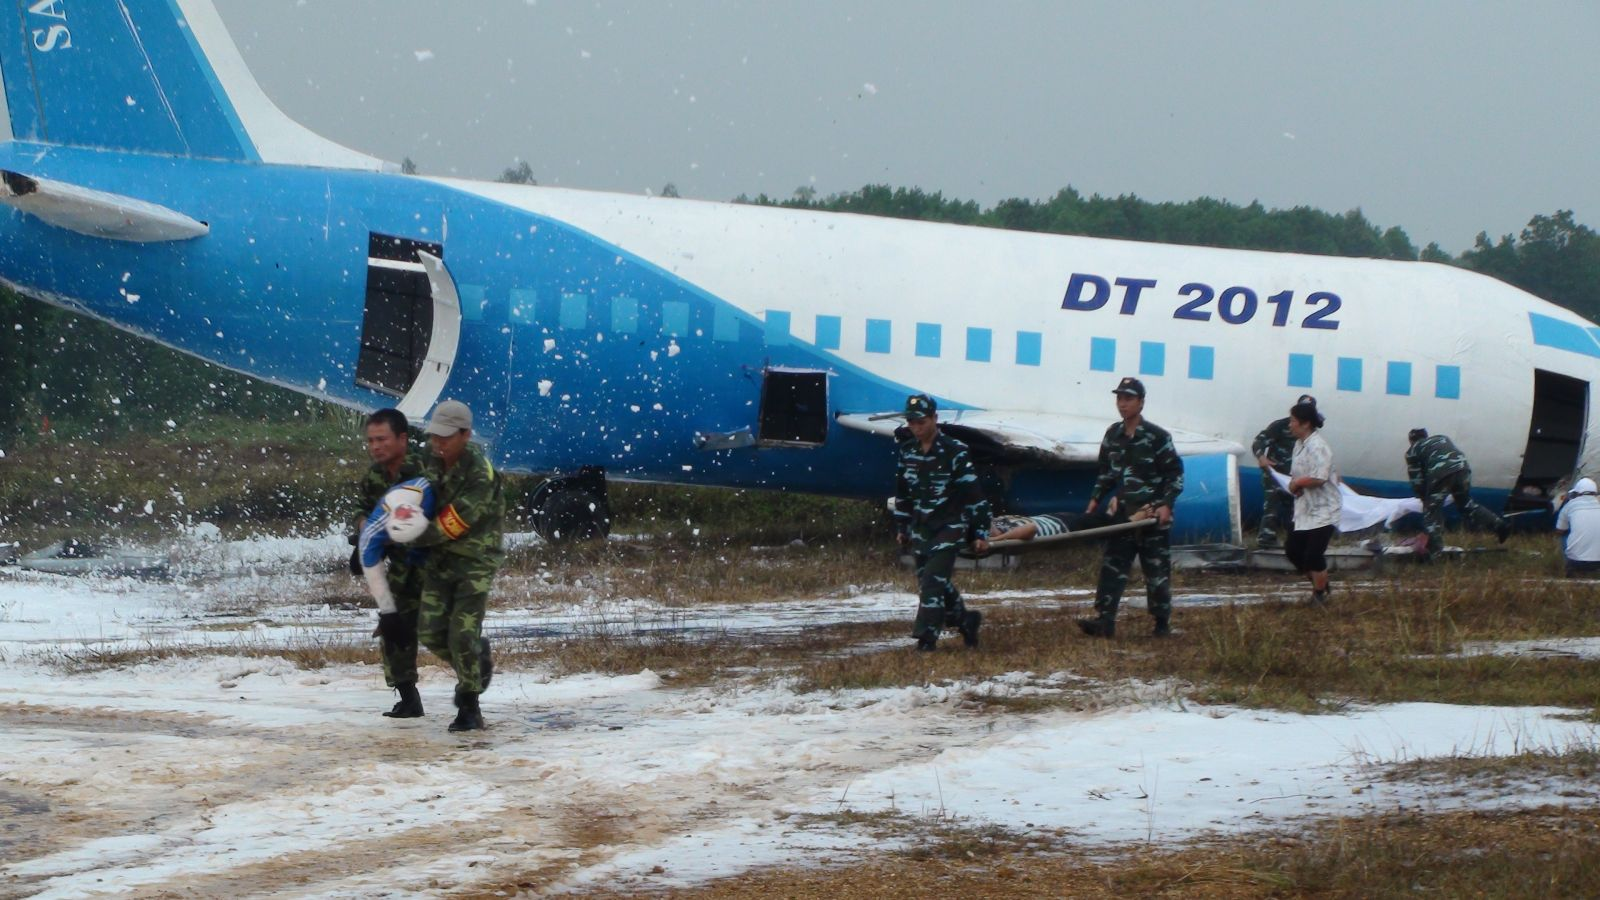 Thời giờ làm việc của nhân viên khẩn nguy, cứu nạn hàng không